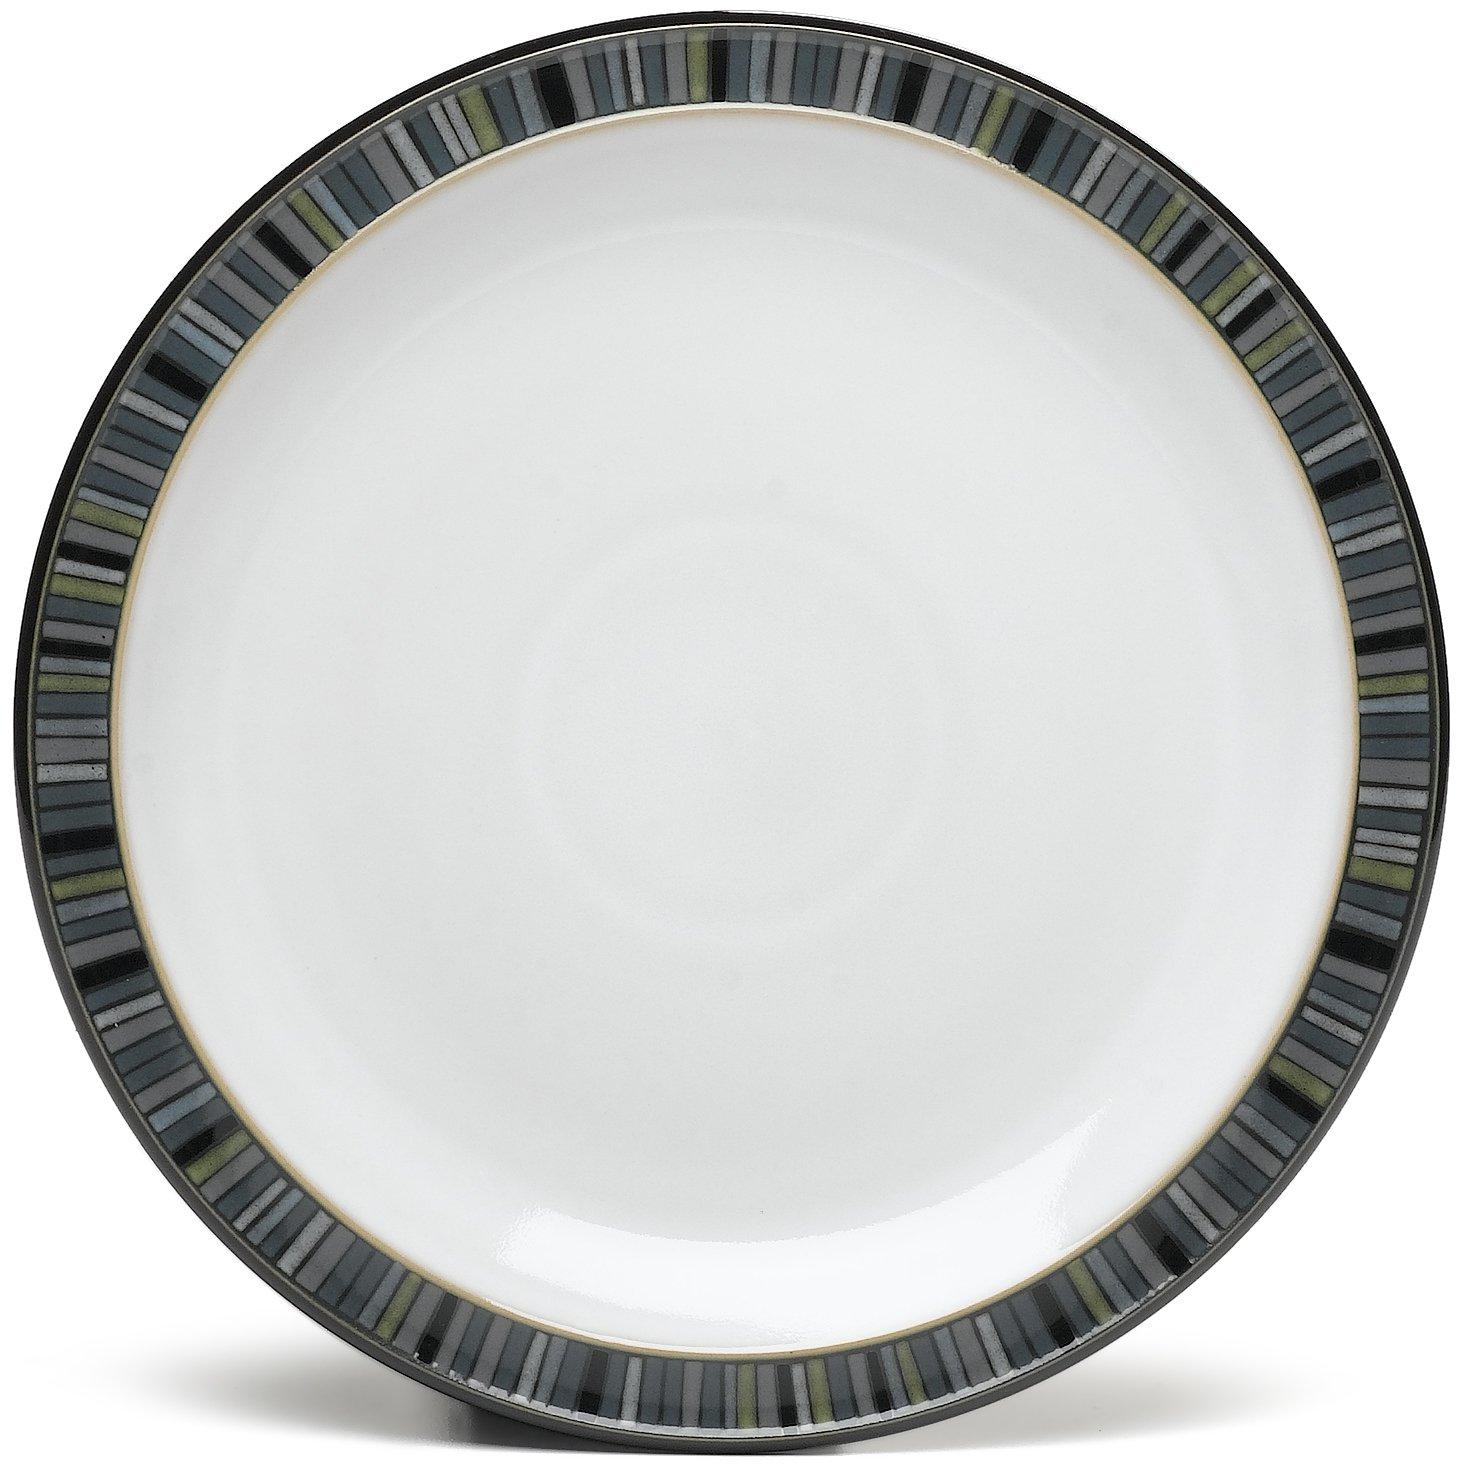 デンビー ジェット ストライプ サラダ プレート 4 個 セット します。 B001AF9FAA Set of 4 Salad Plates Set of 4 Salad Plates